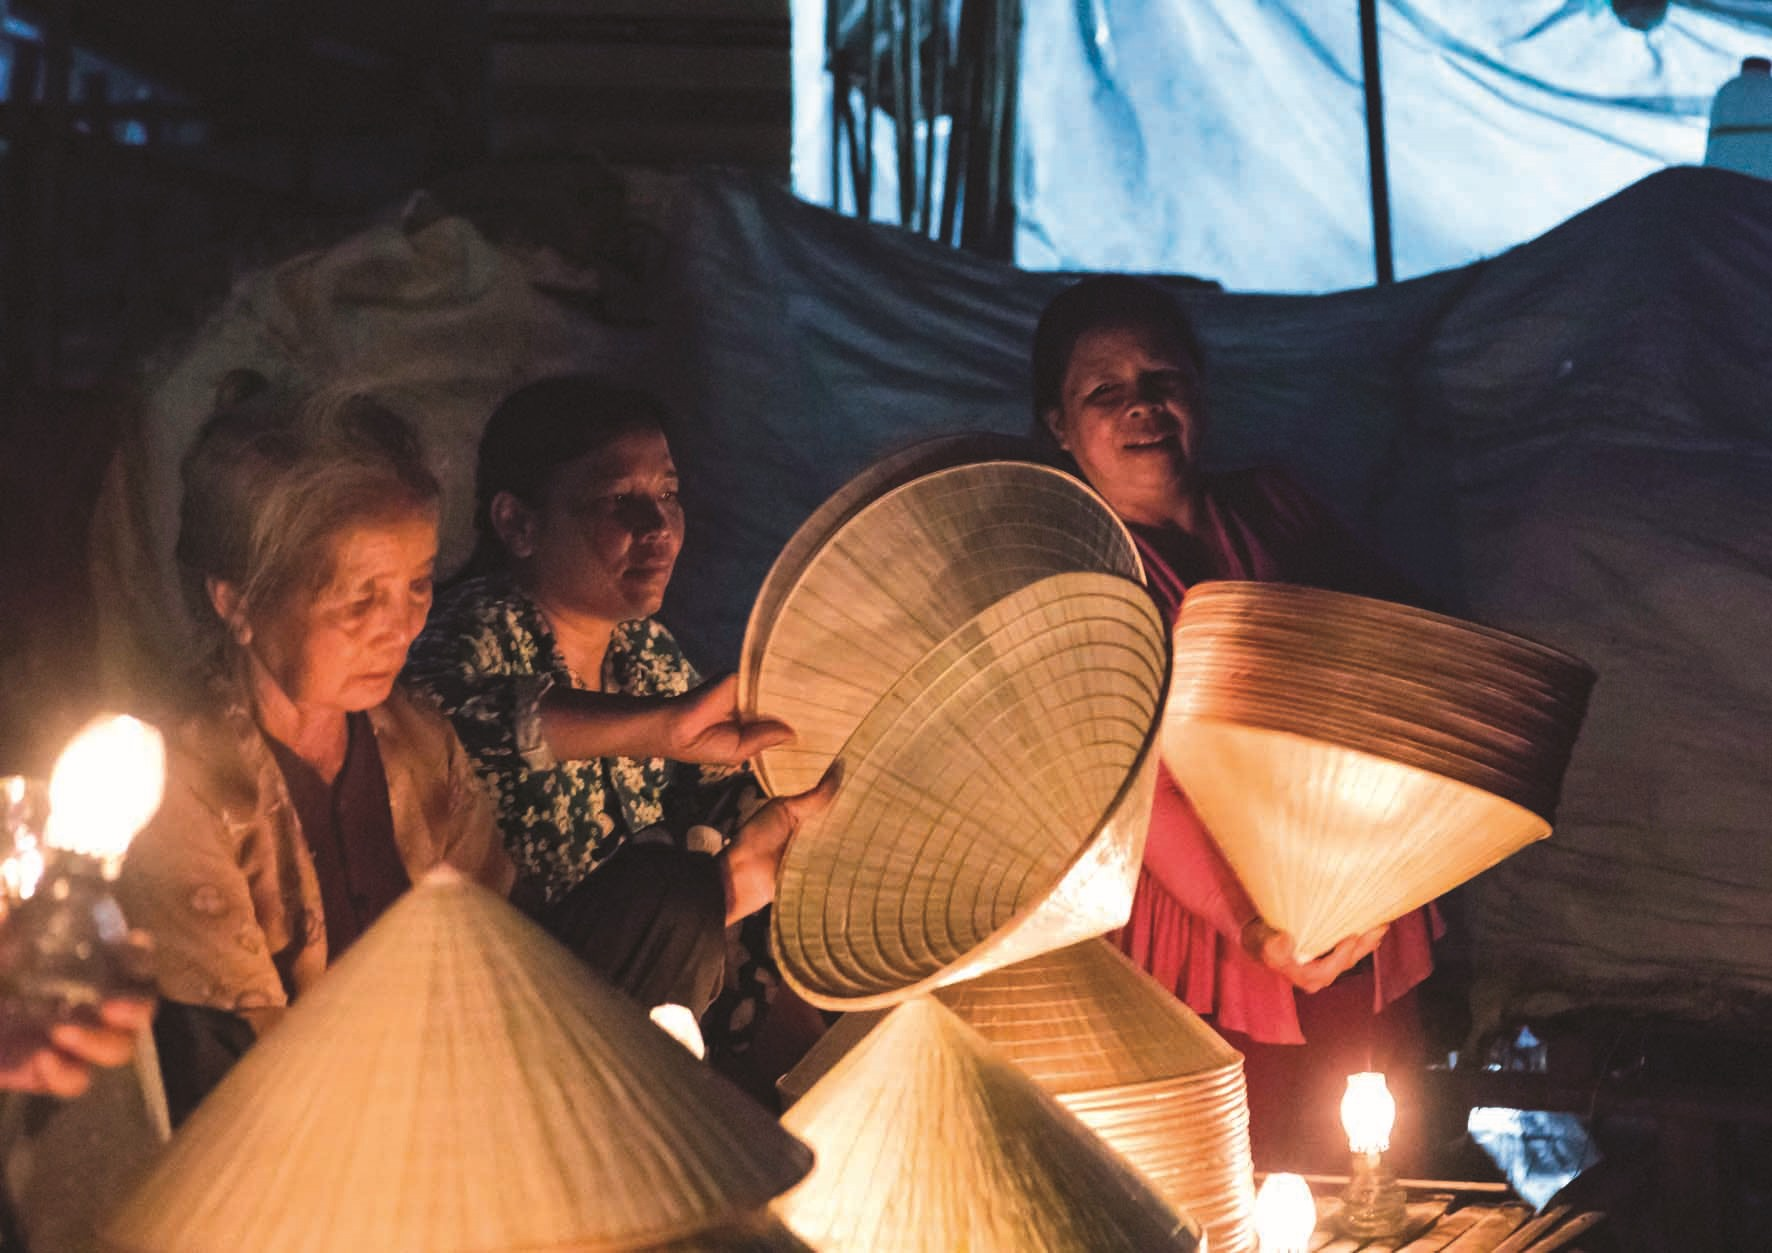 Qua bao thăng trầm, chợ nón vẫn giữ được nét mộc mạc của một phiên chợ quê.